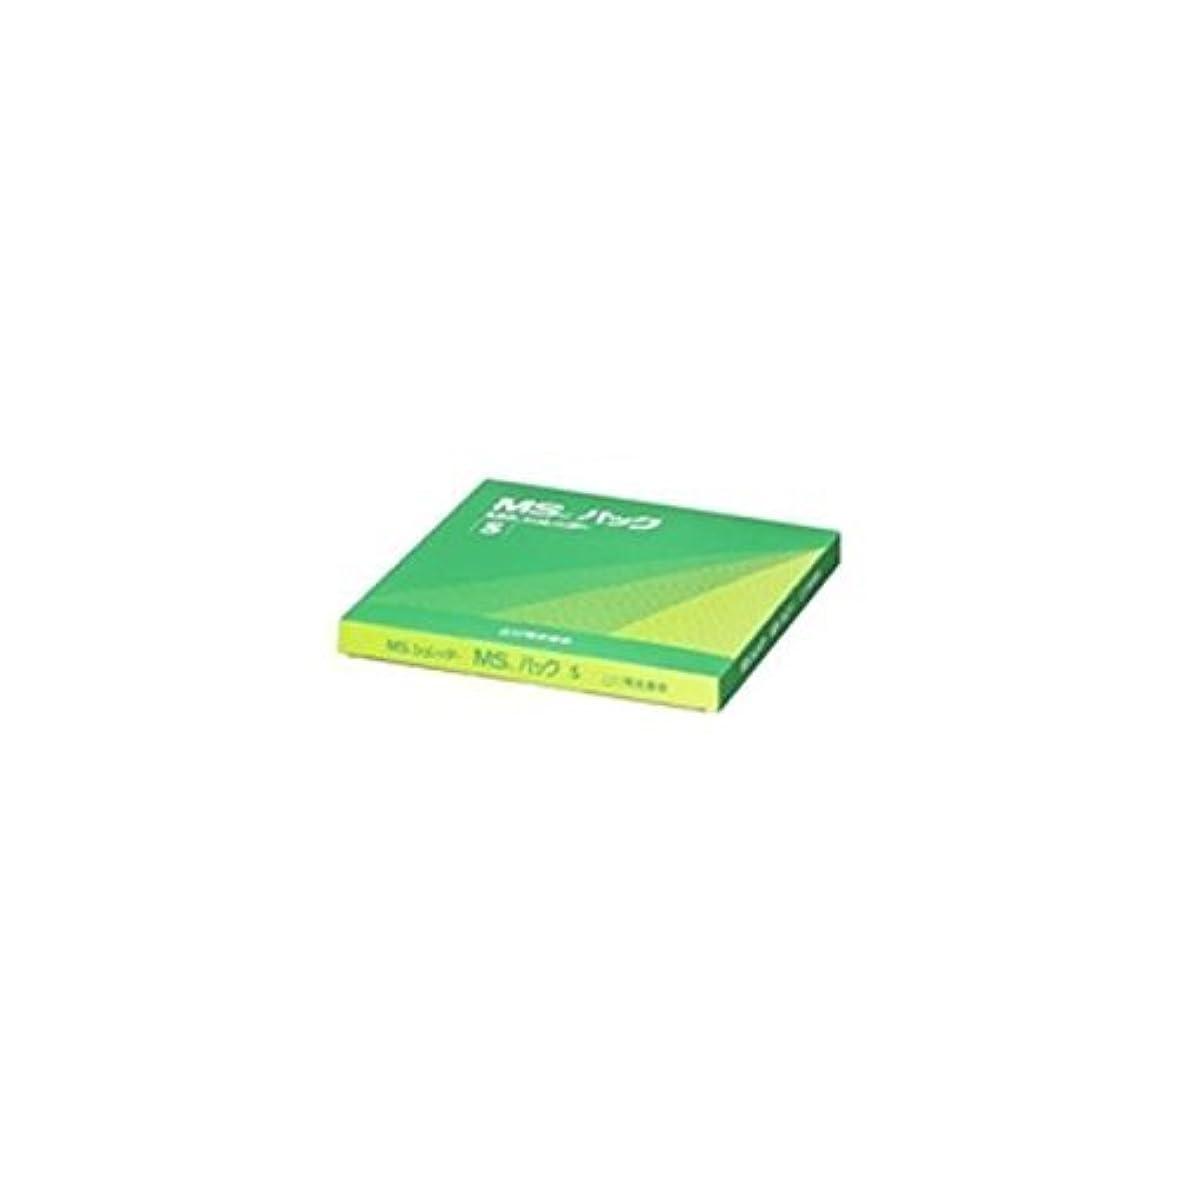 ワイドノートバケツ(まとめ買い) 明光商会 MSパック 透明 S 【100枚入】 S 【×3】